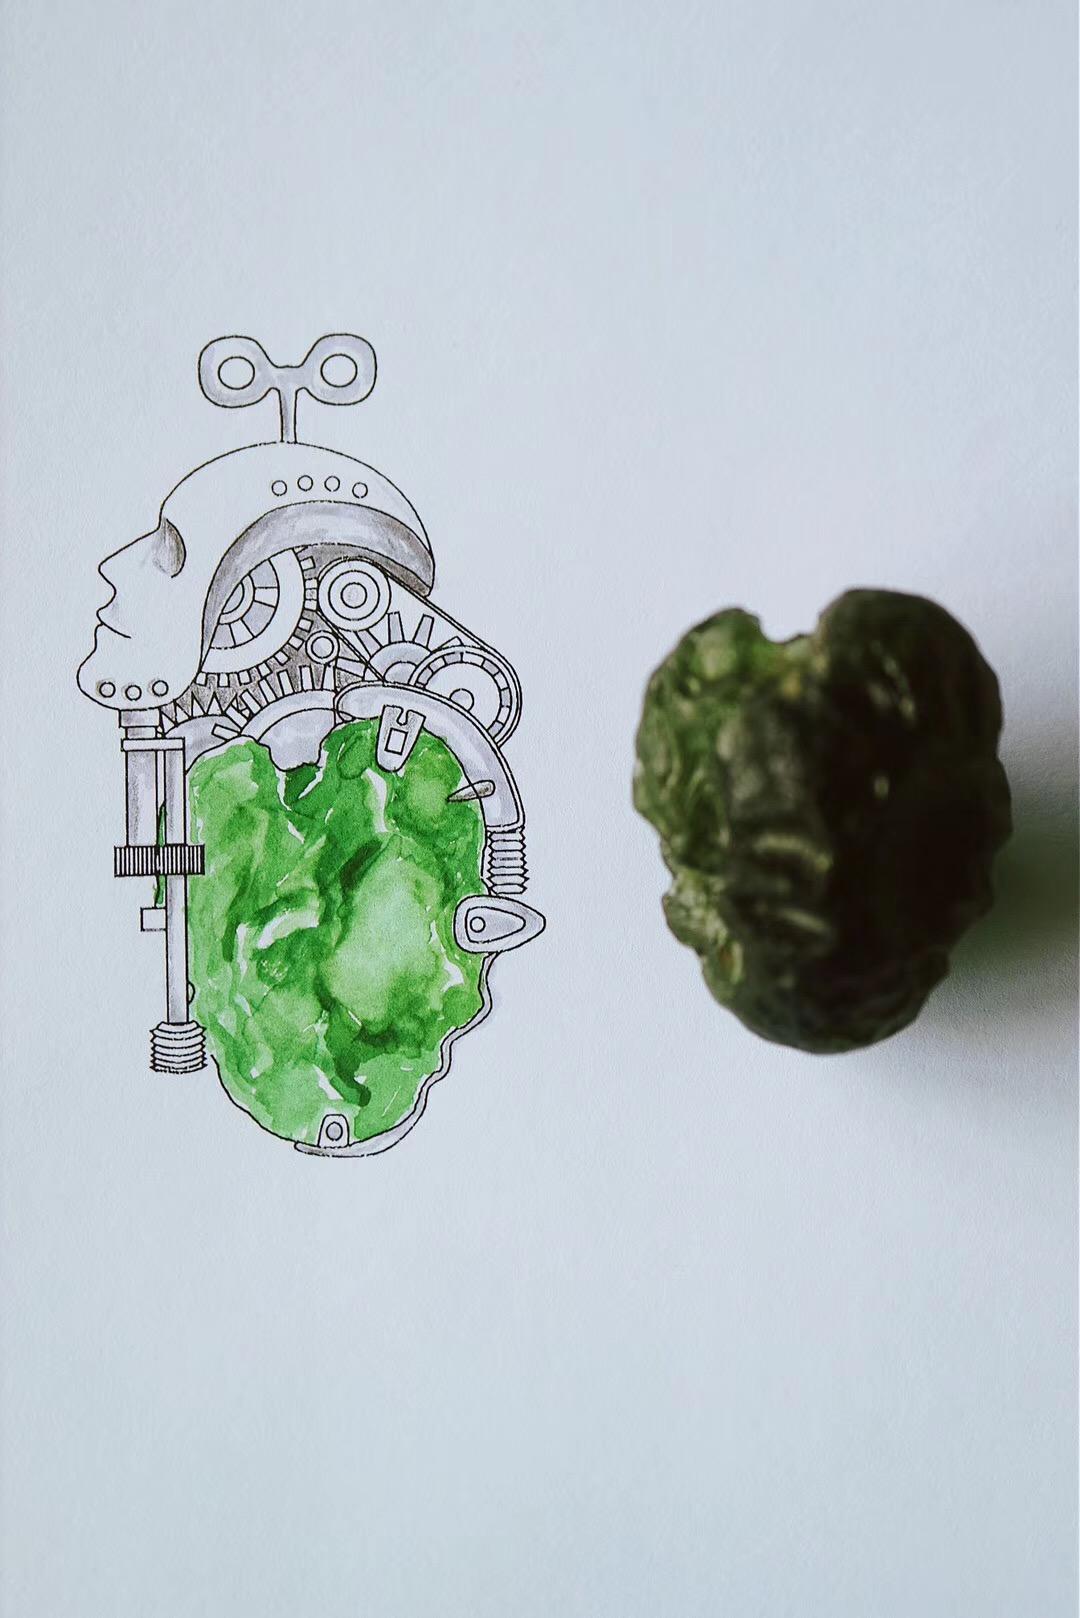 【捷克陨石】我们一生在找的路,就是脑子到心的路-菩心晶舍